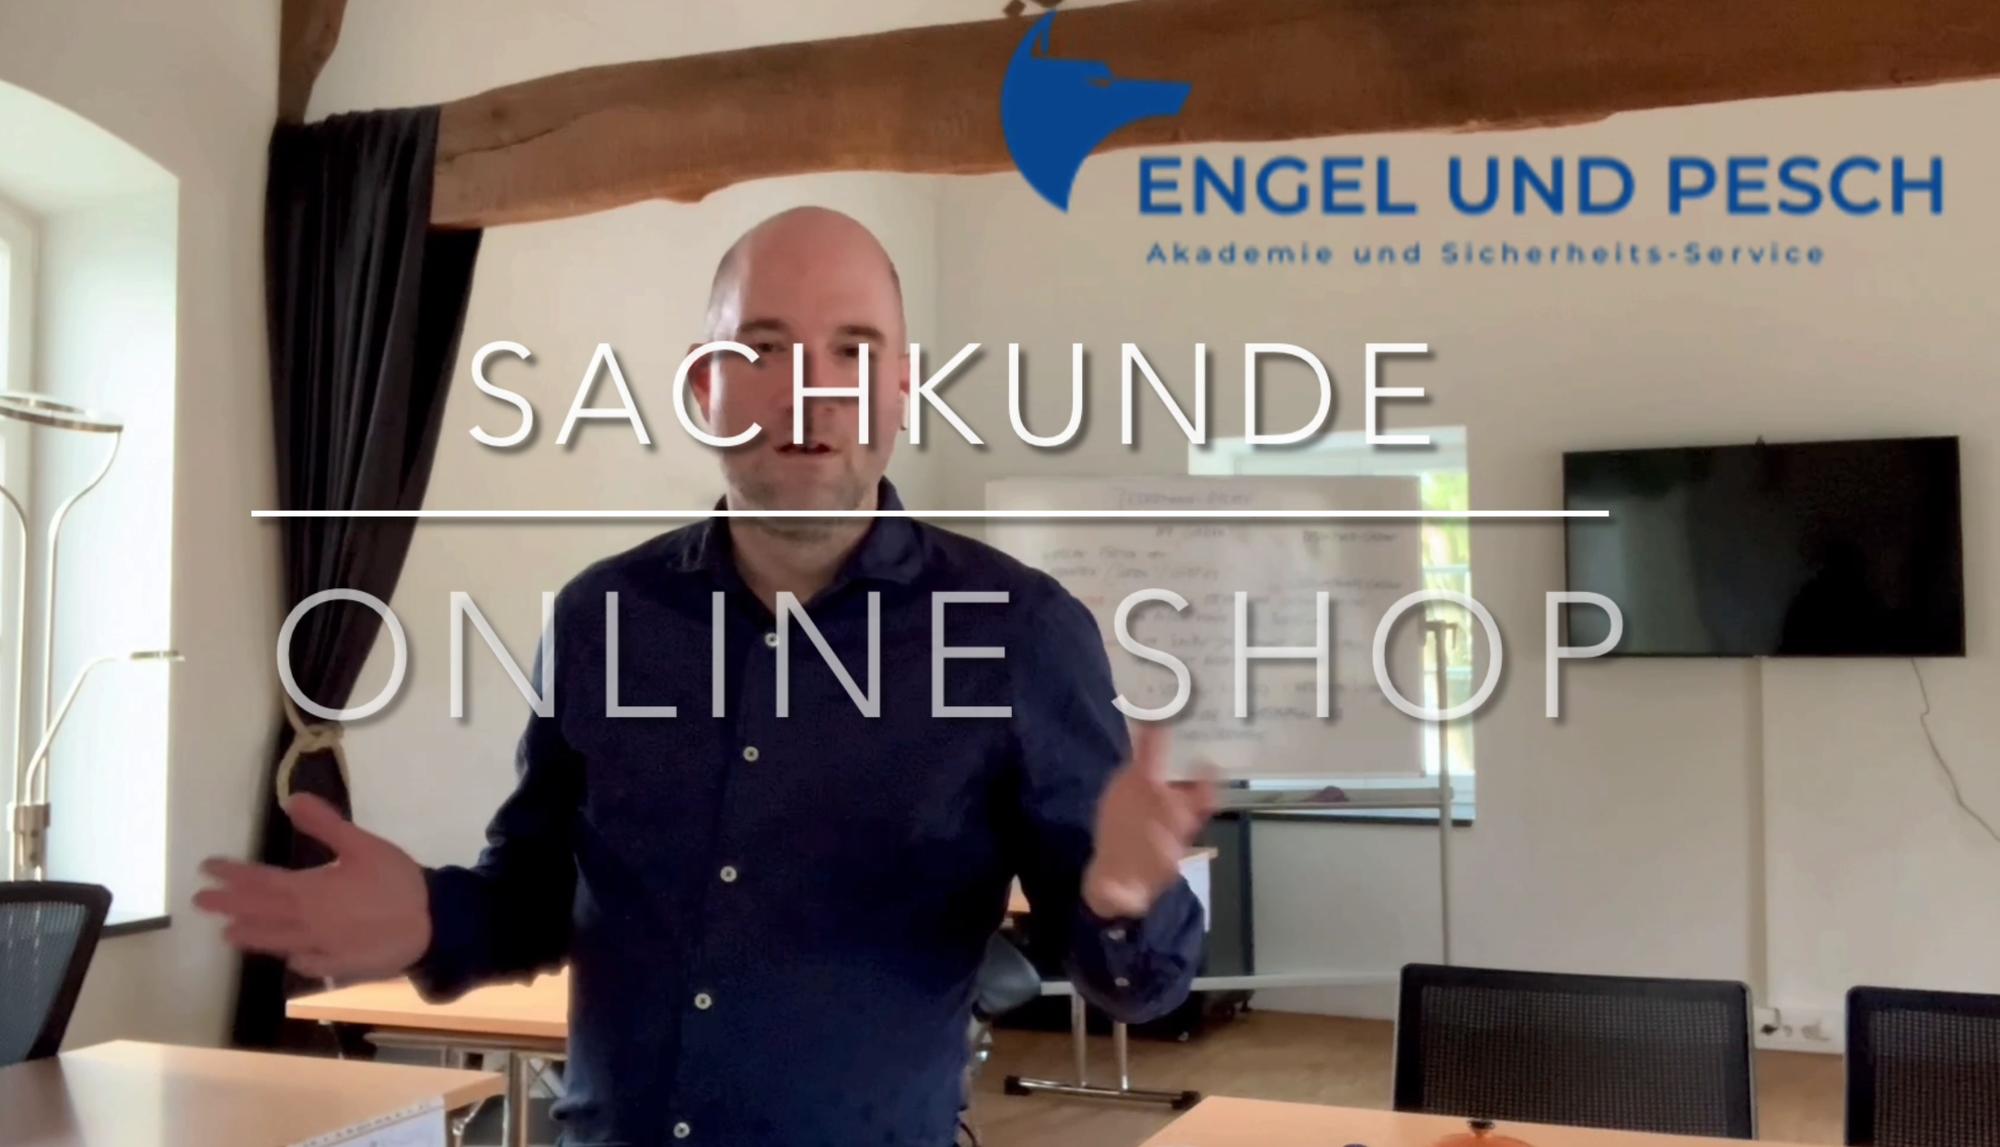 SOS - Sachkunde Online Shop